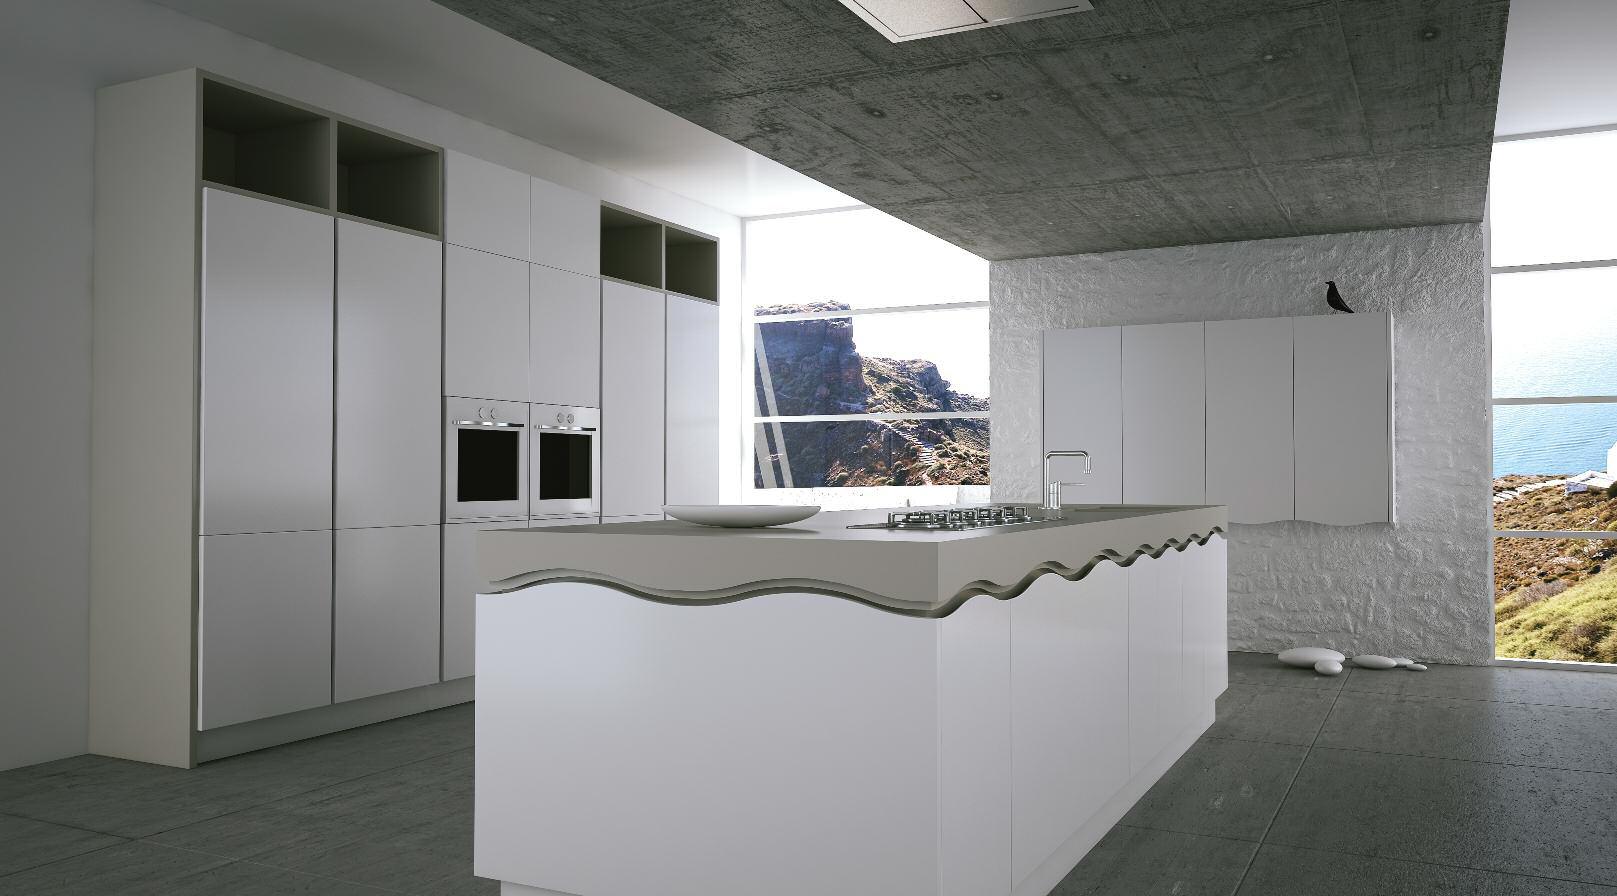 κουζίνα ioulida, waves by eliton